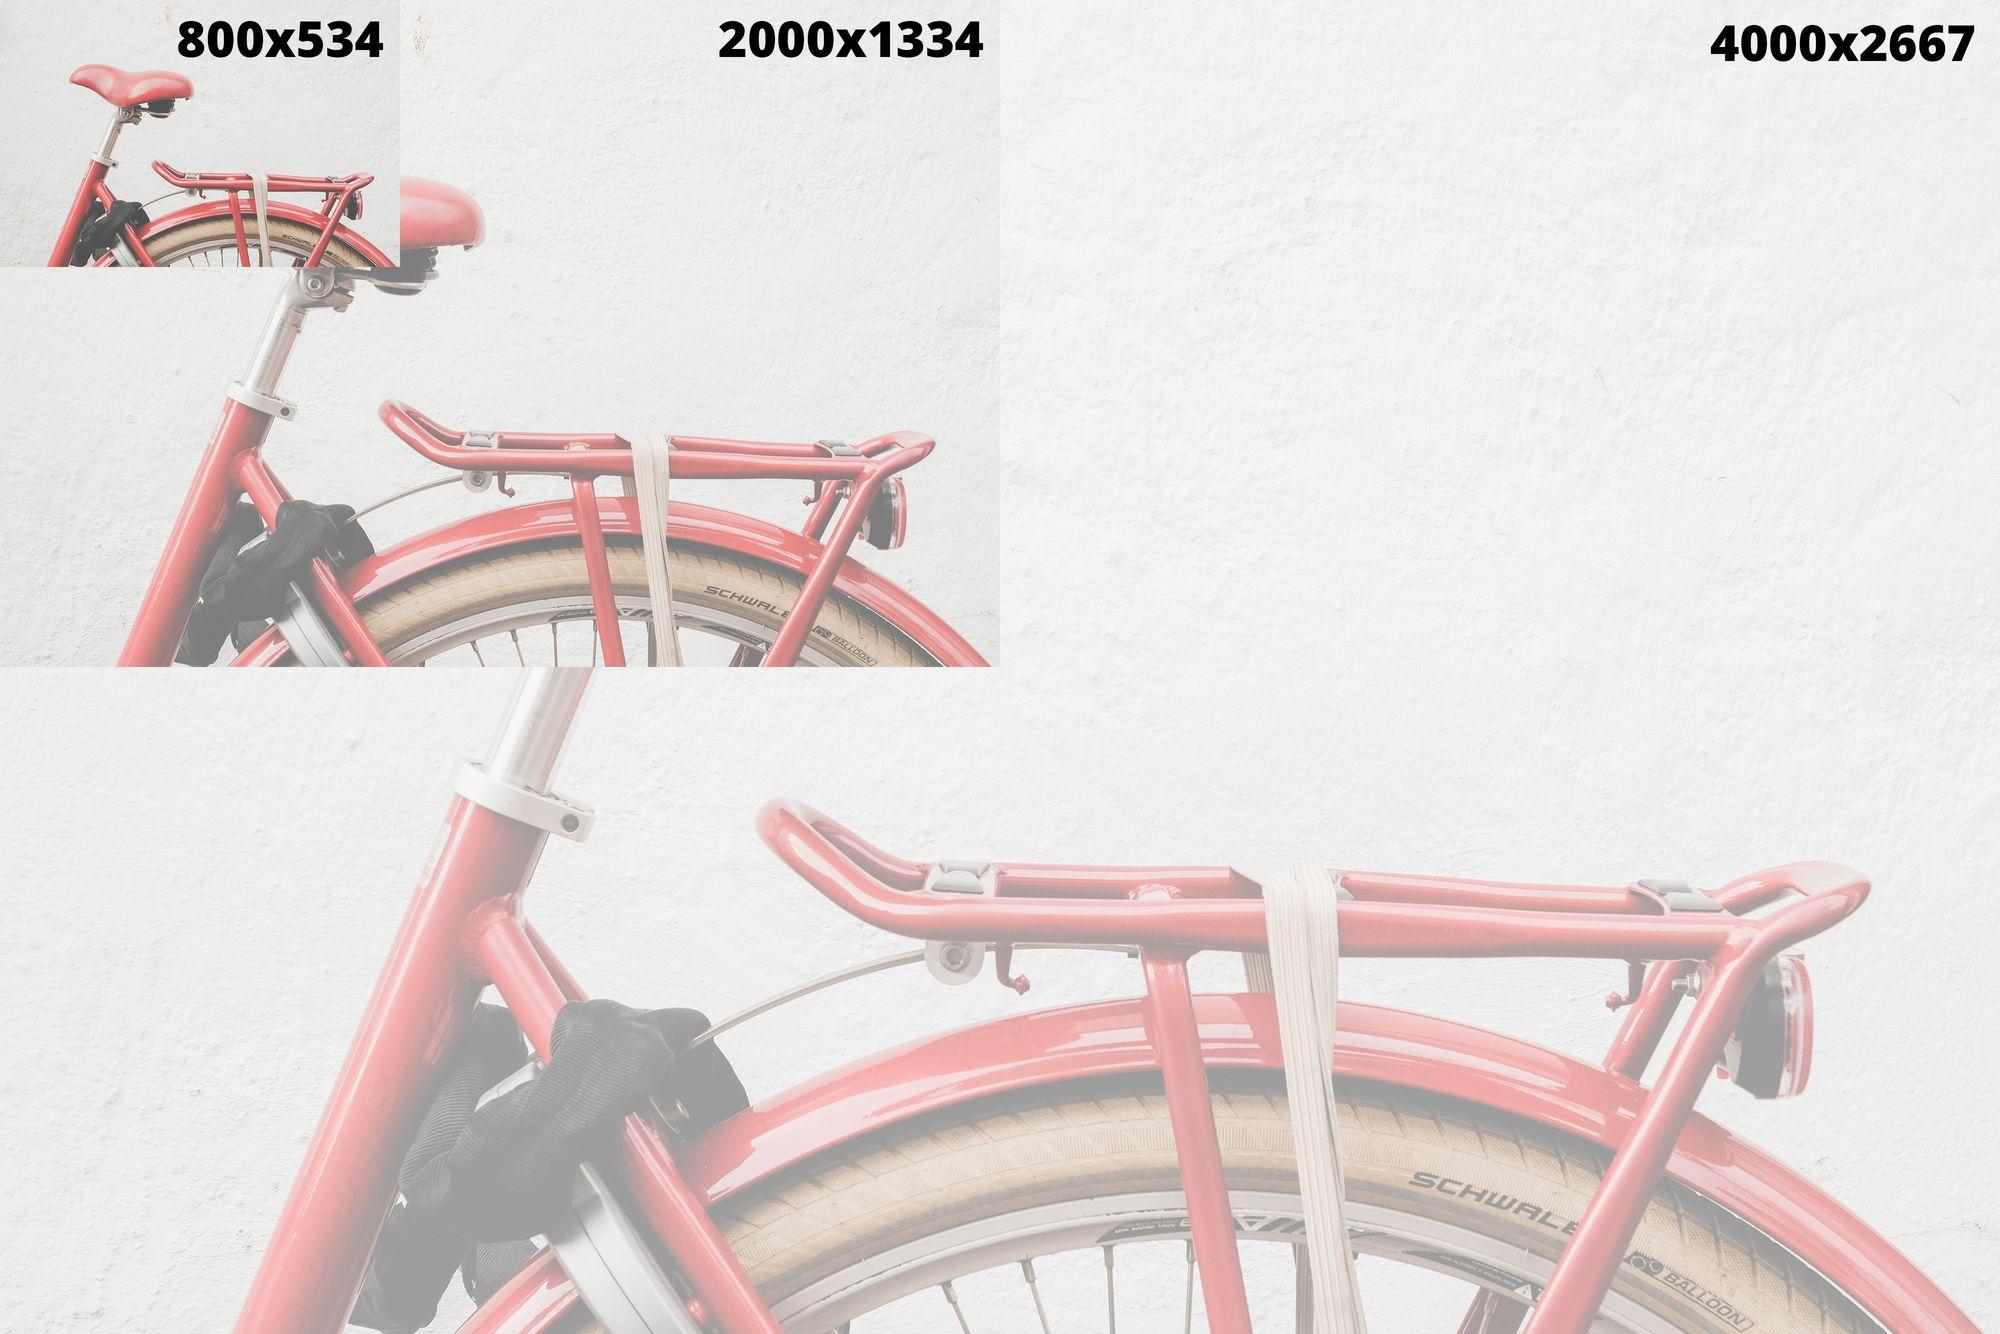 Aceeași imagine în 3 dimensiuni diferite